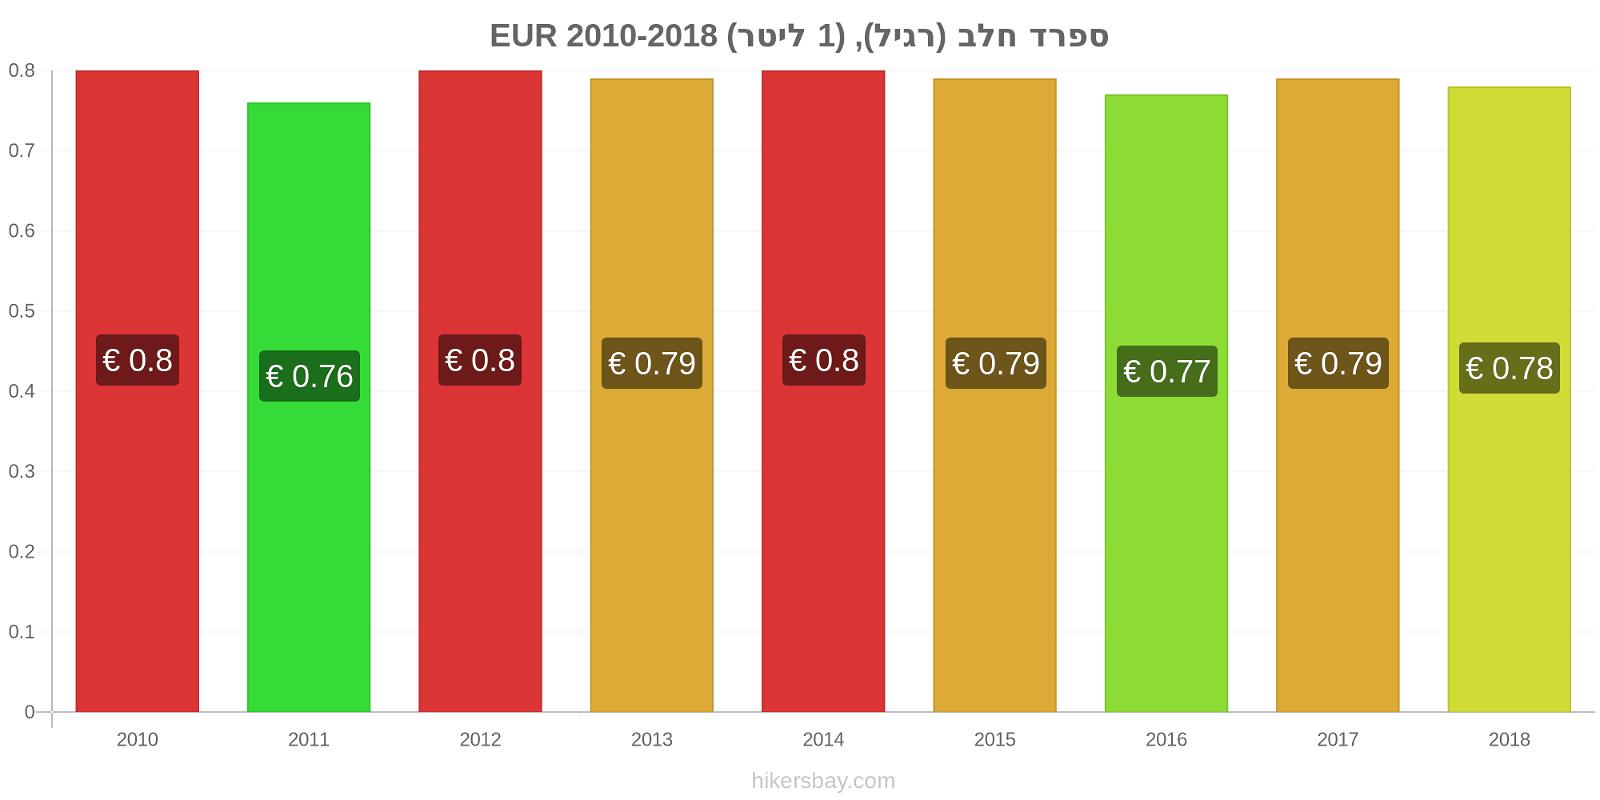 ספרד שינויי מחירים חלב (רגיל), (1 ליטר) hikersbay.com